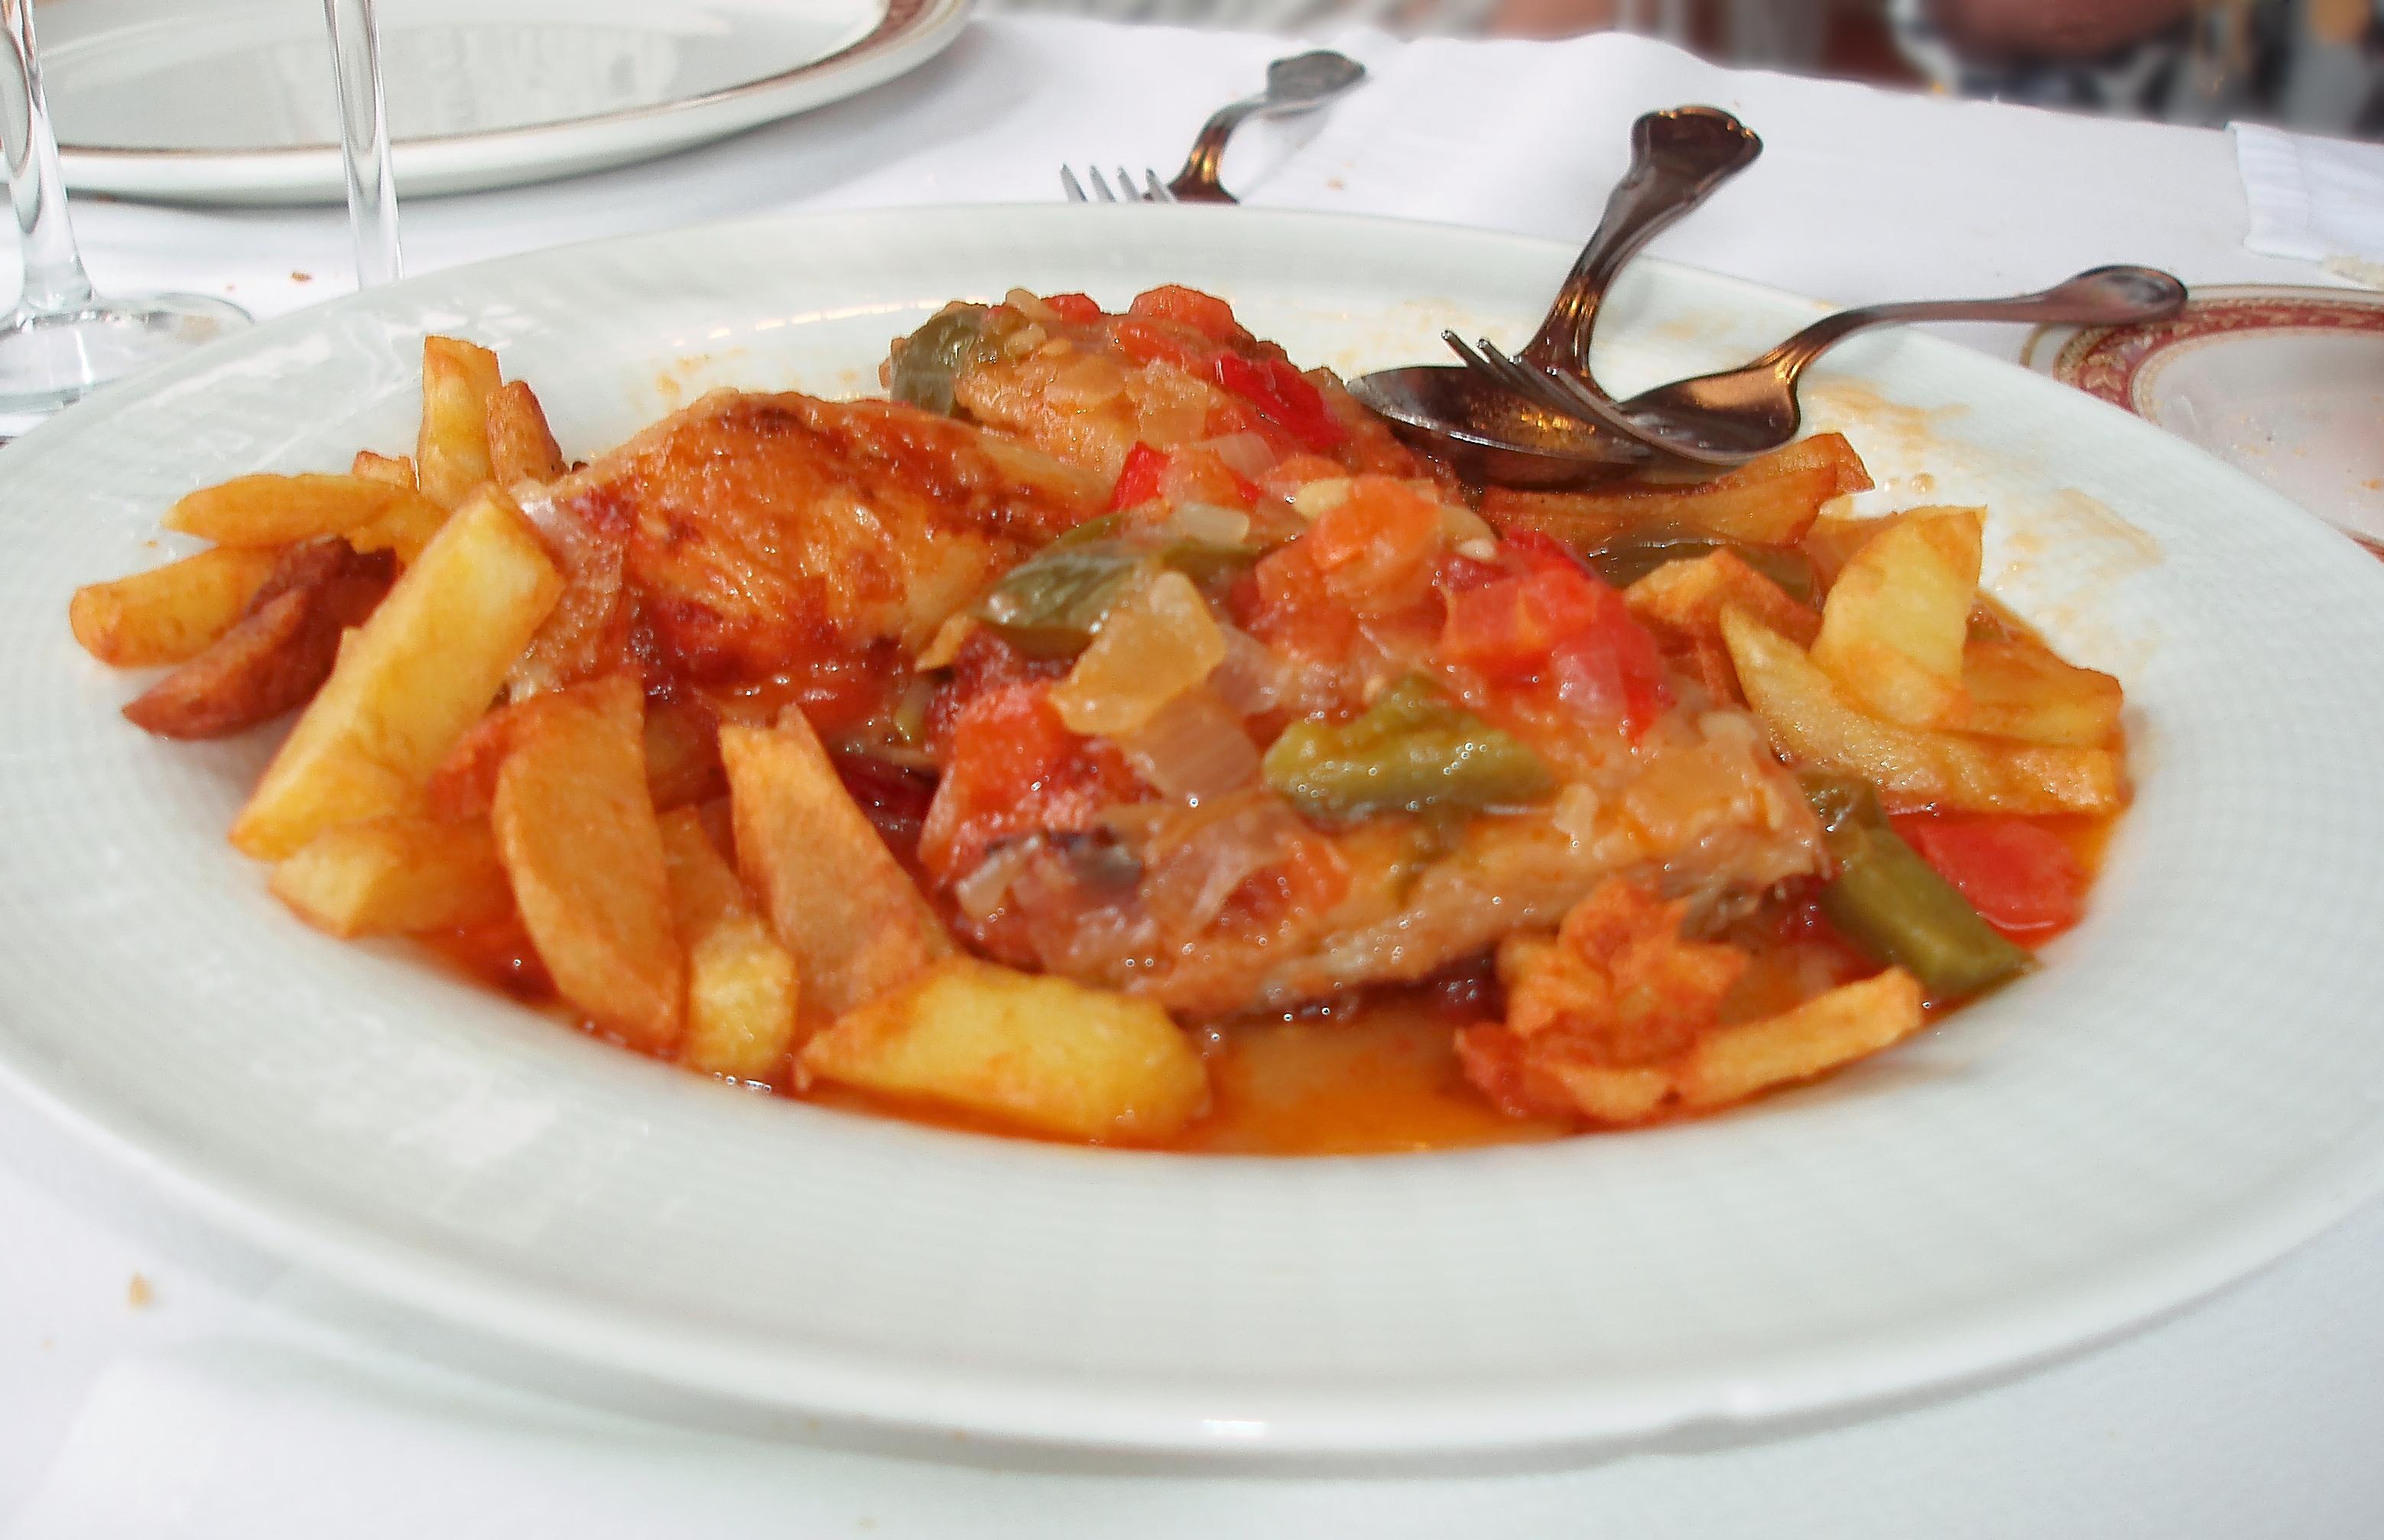 Pollo al chilindrón Zaragoza